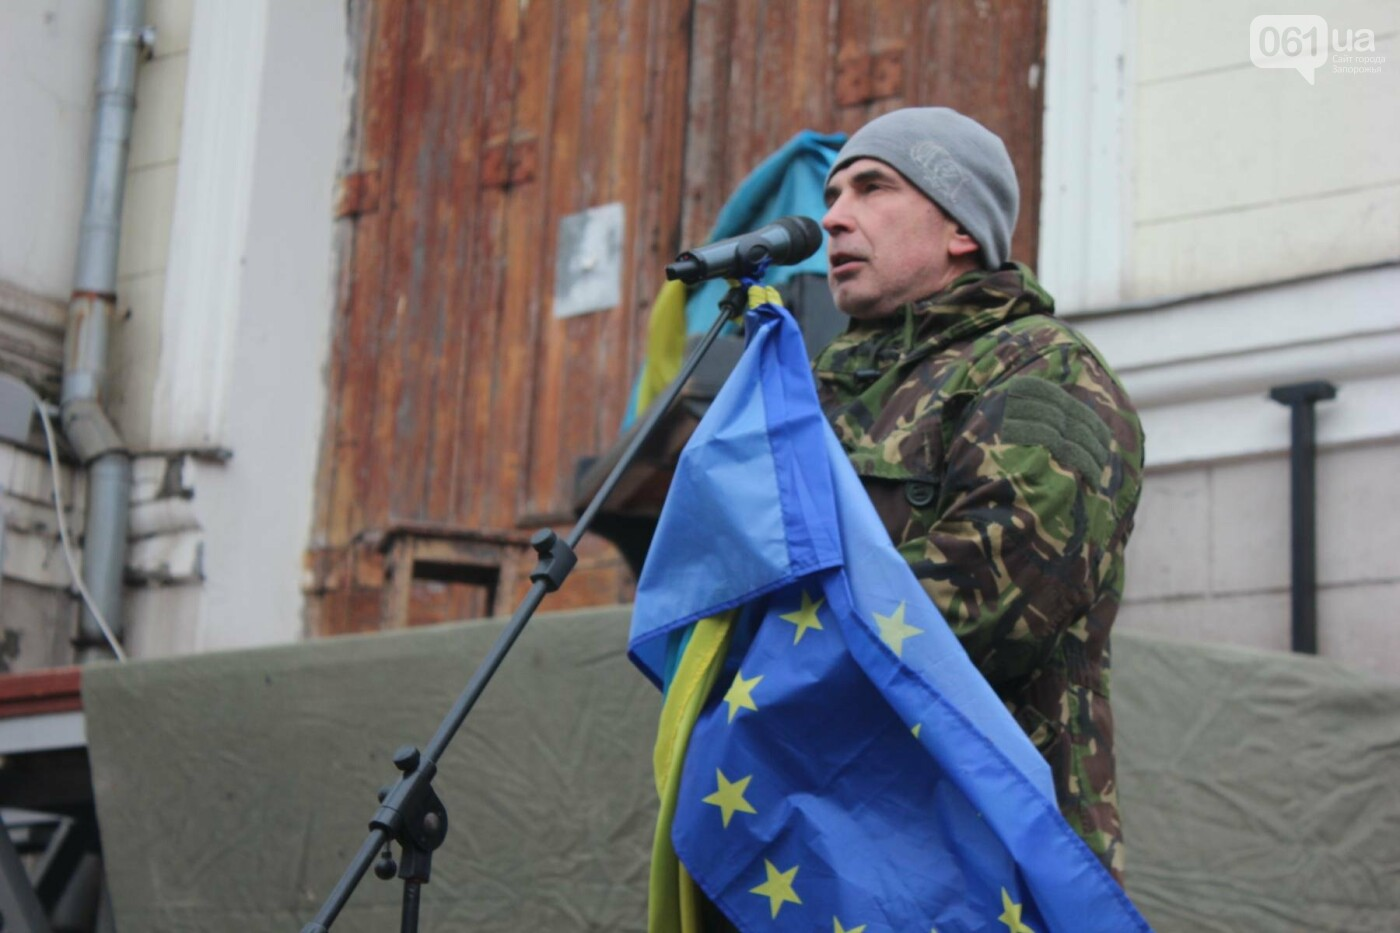 В Запорожье актеры на улице читали стихи о Майдане, - ФОТОРЕПОРТАЖ, фото-2